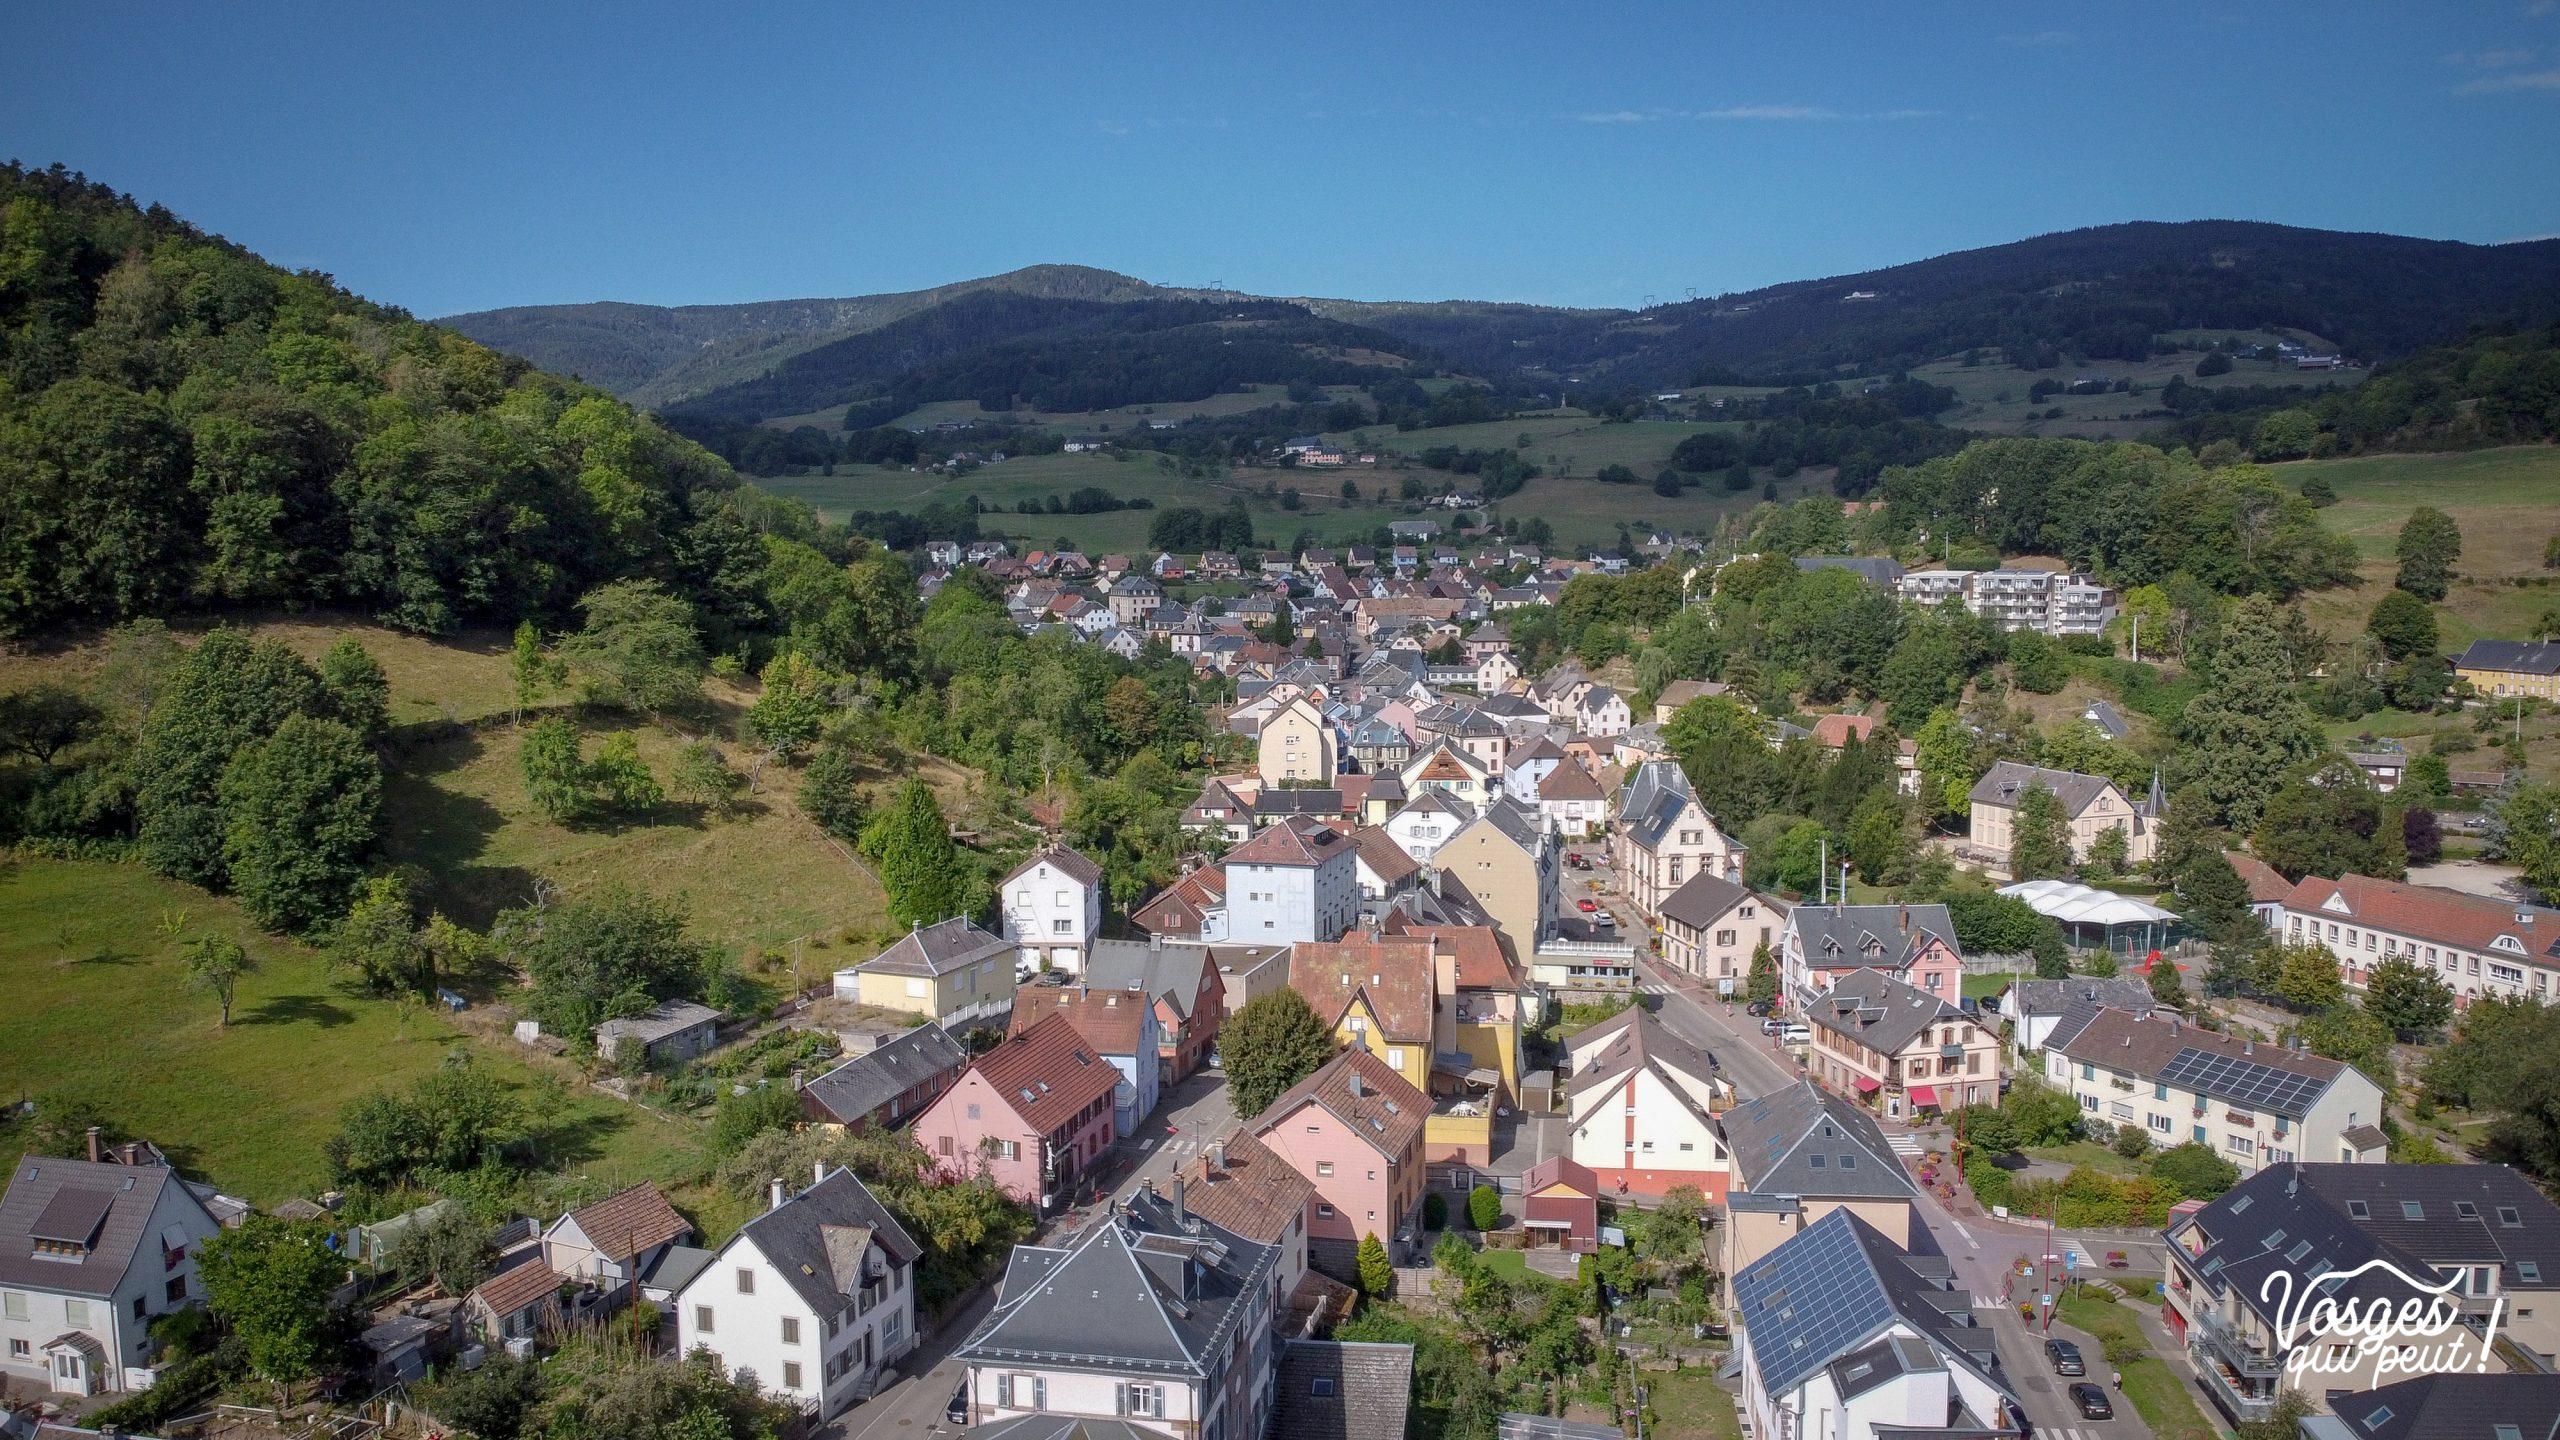 Vue aérienne du village d'Orbey dans les Vosges